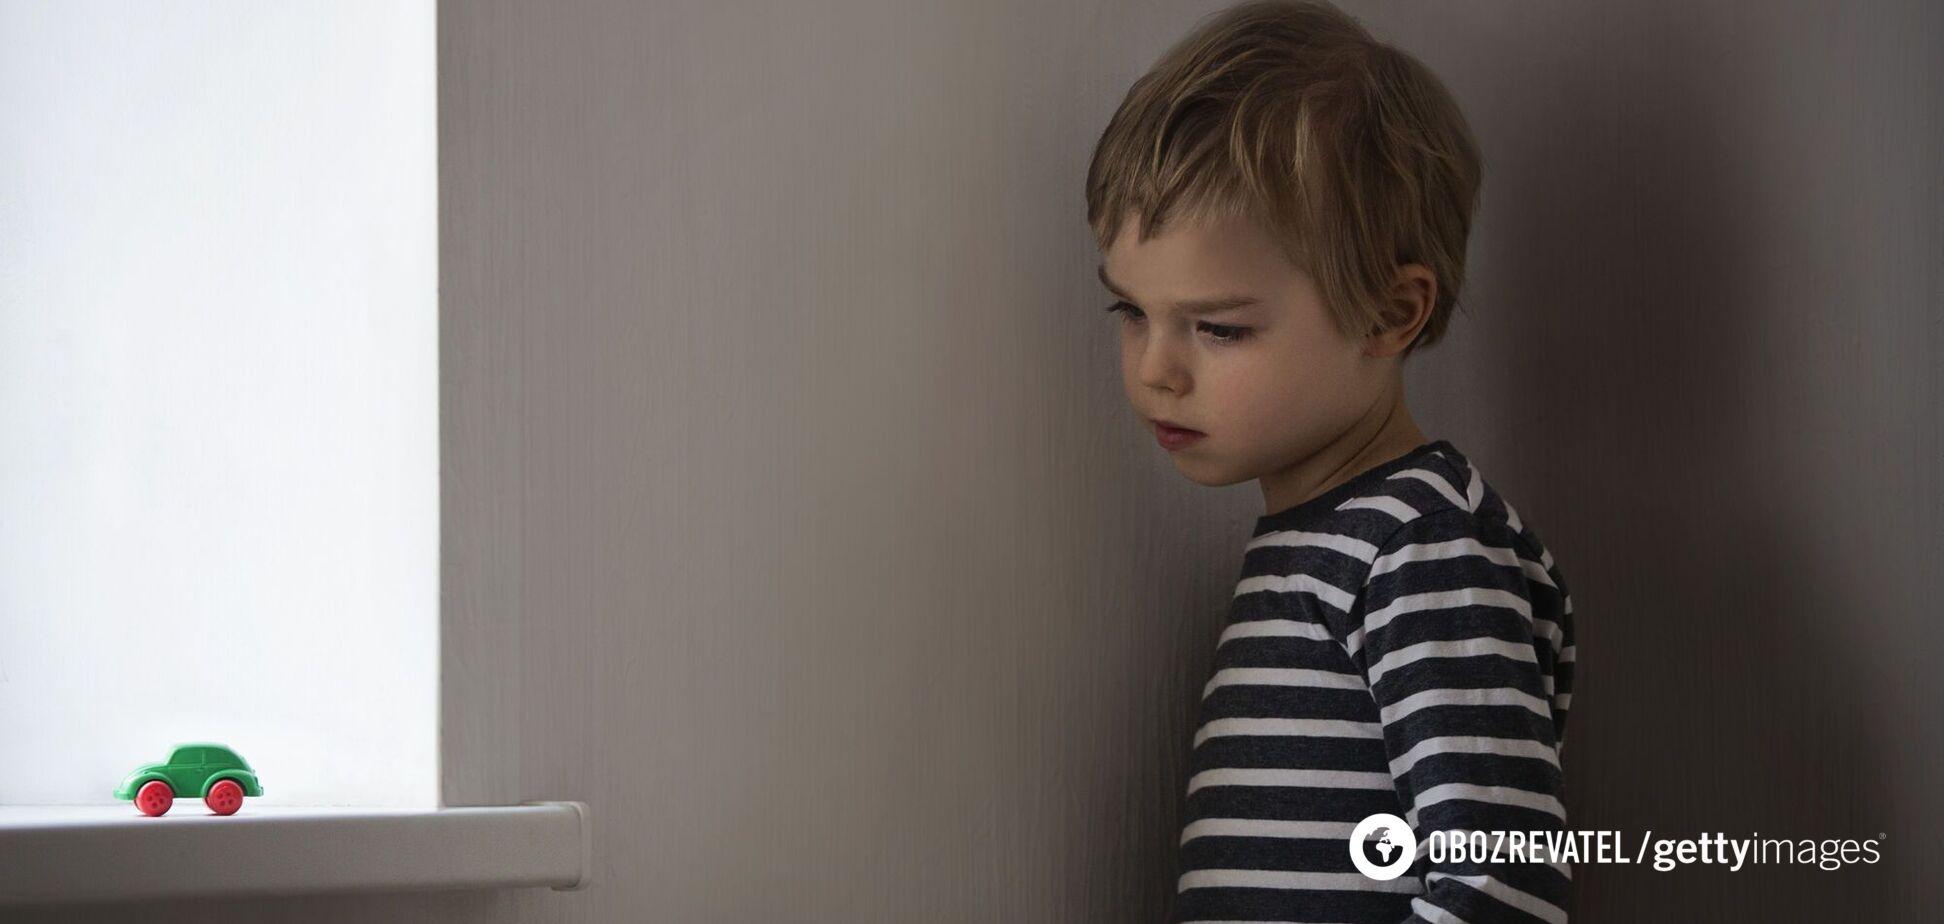 Вчені створили програму для виявлення розвитку аутизму у дитини